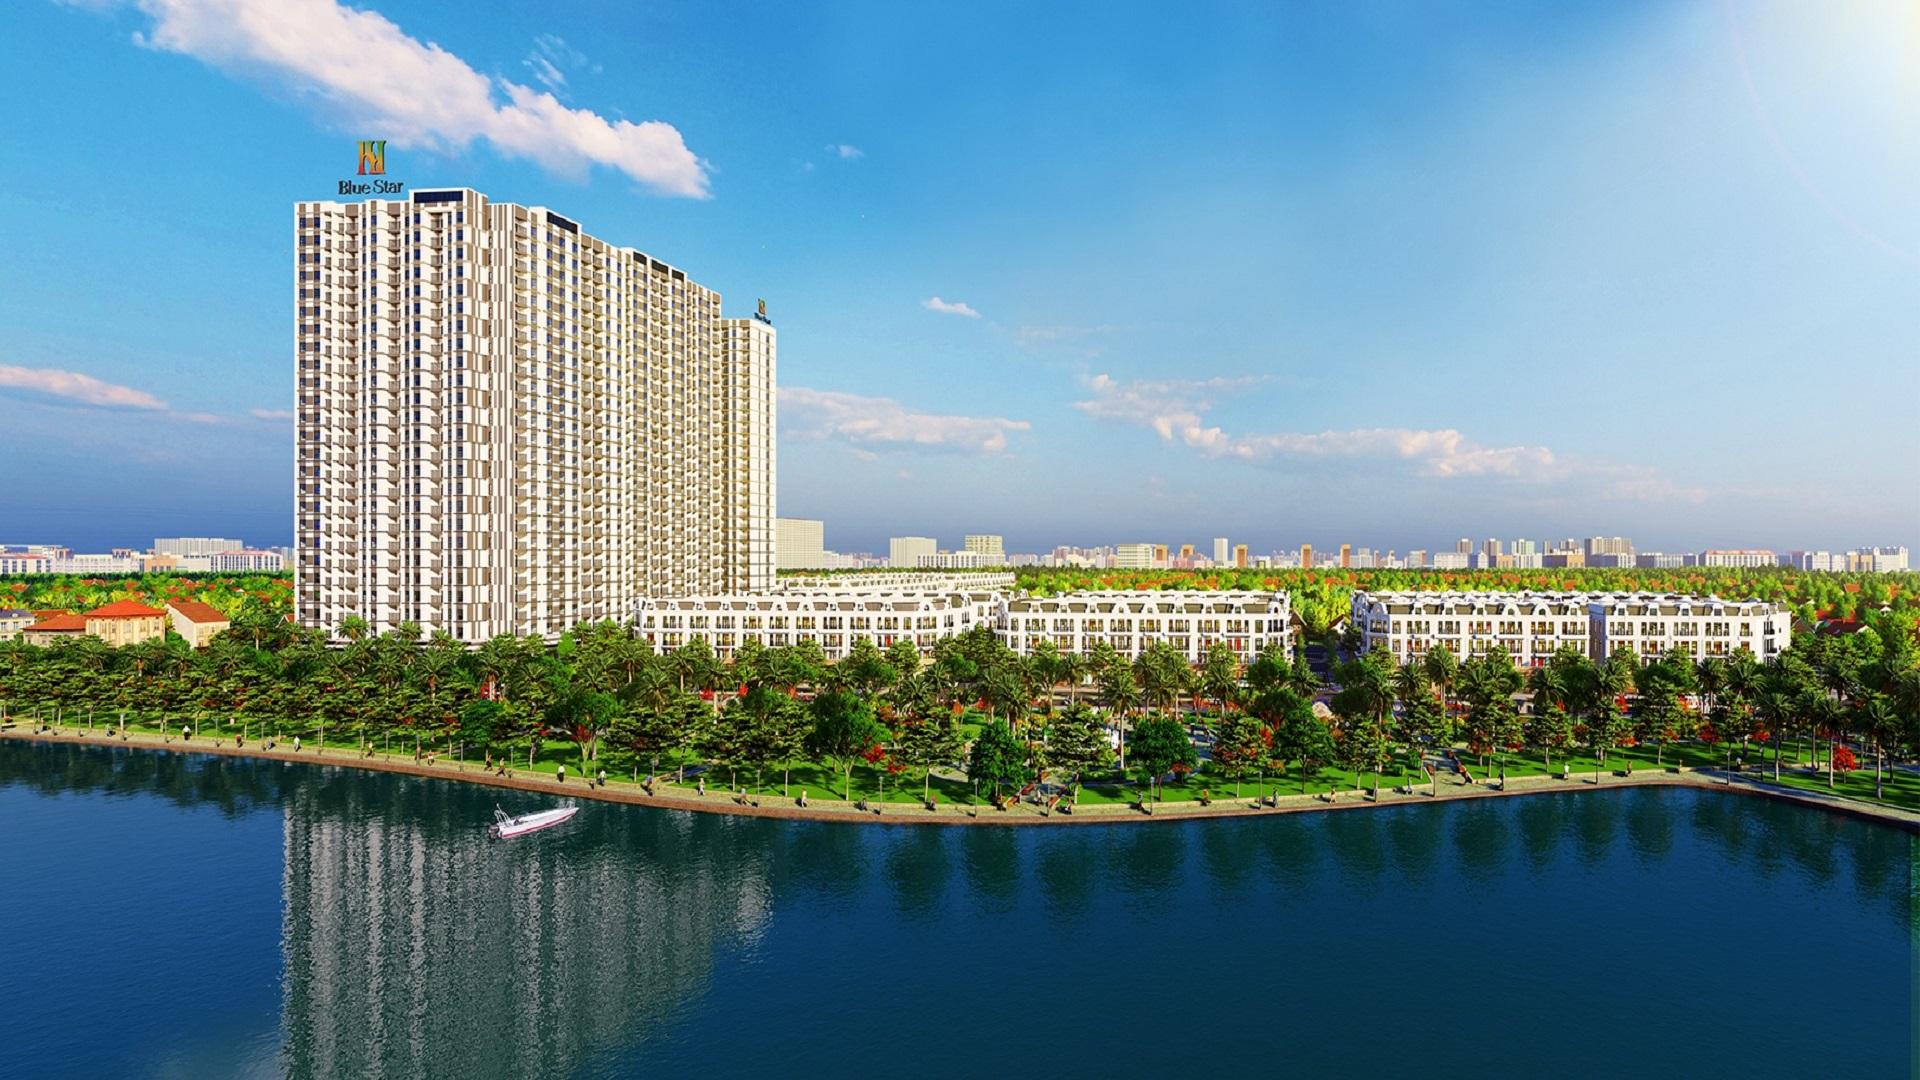 dự án chung cư hanhomes blue star trâu quỳ gia lâm